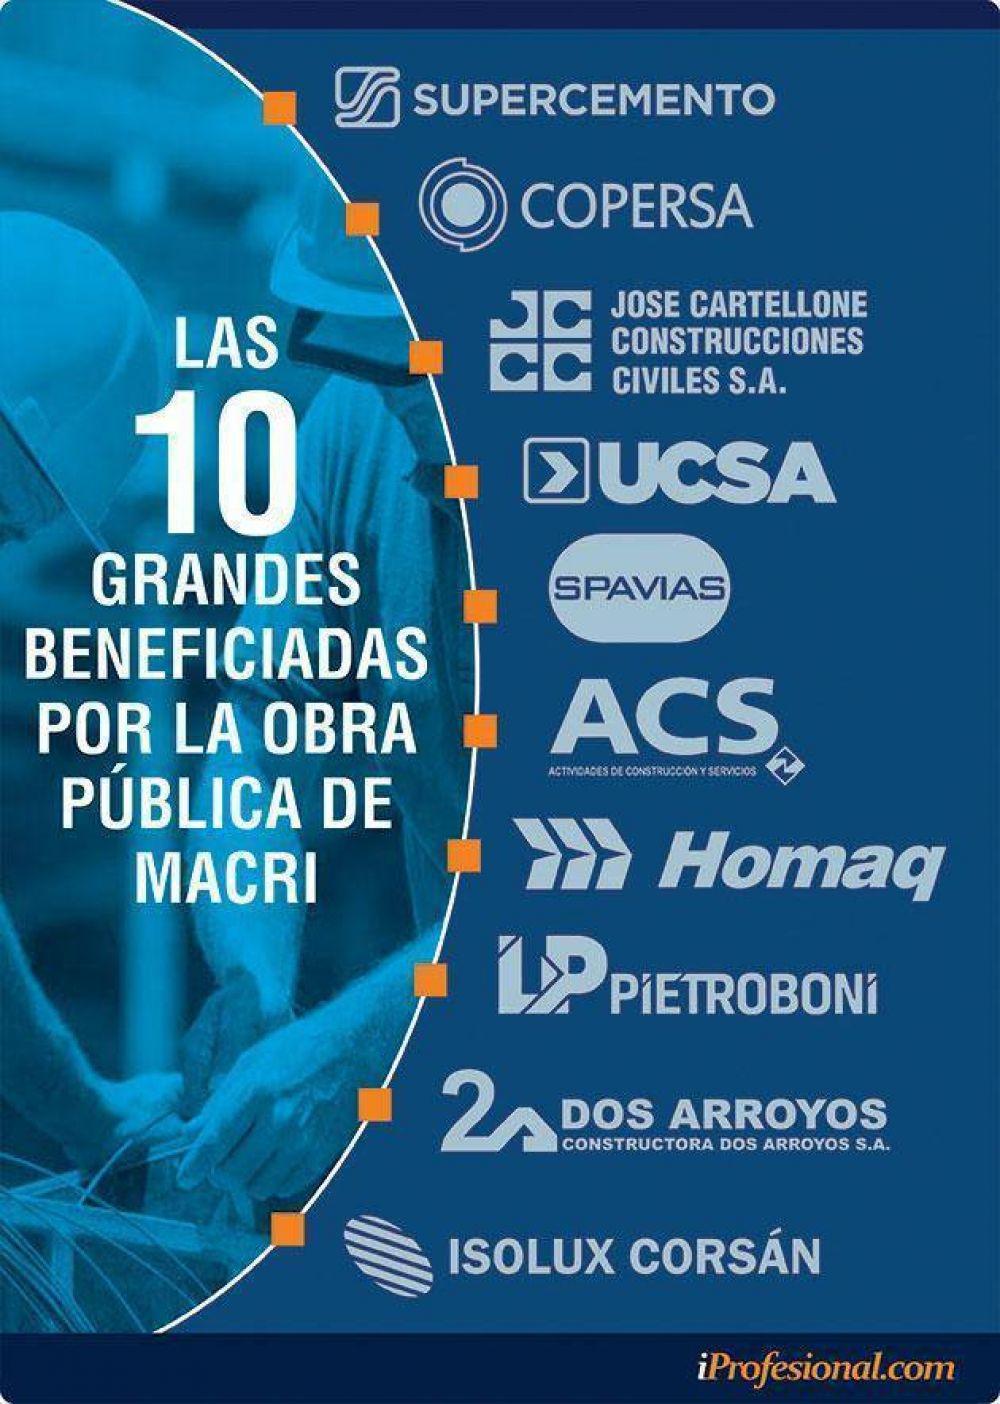 Rutas, caminos, trenes, obras de luz y gas: las 10 empresas más beneficiadas por el boom de obra pública de Macri